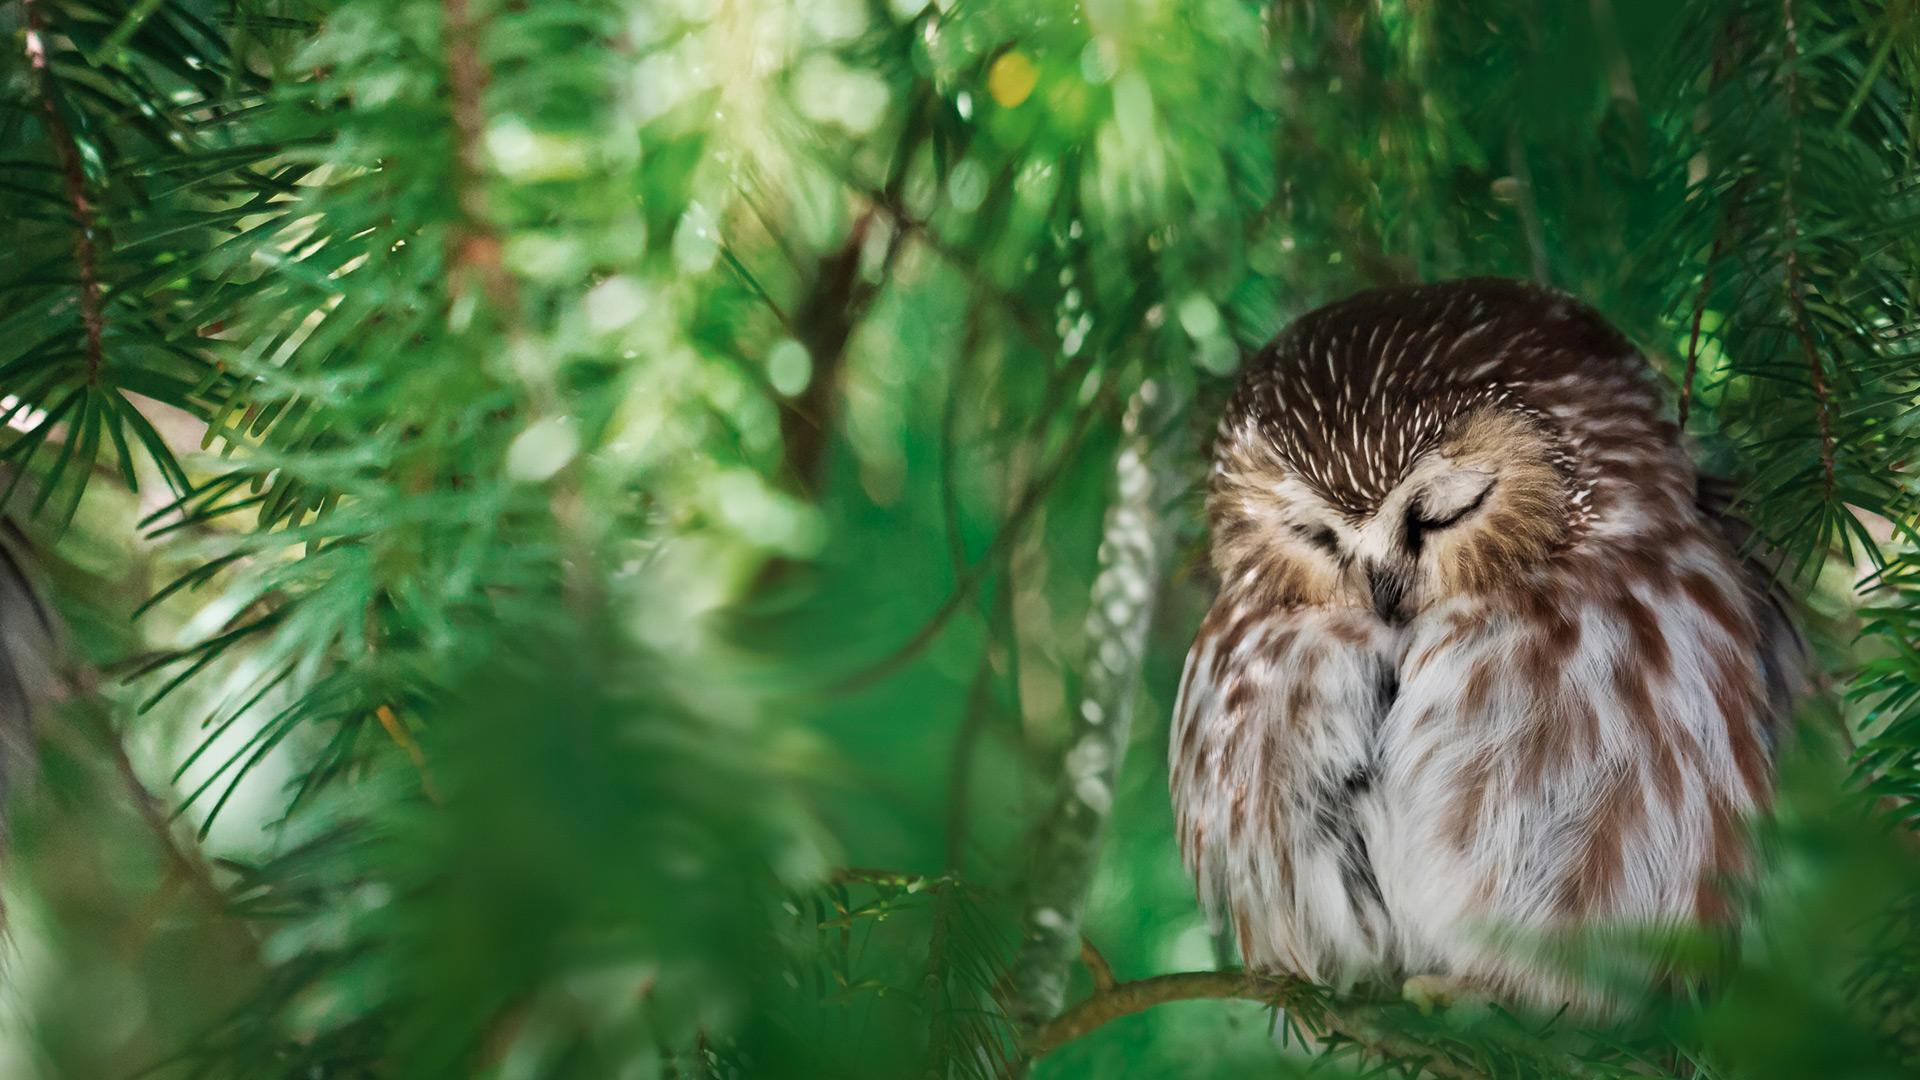 Eule mit geschlossenen Augen sitzt auf einem Baum